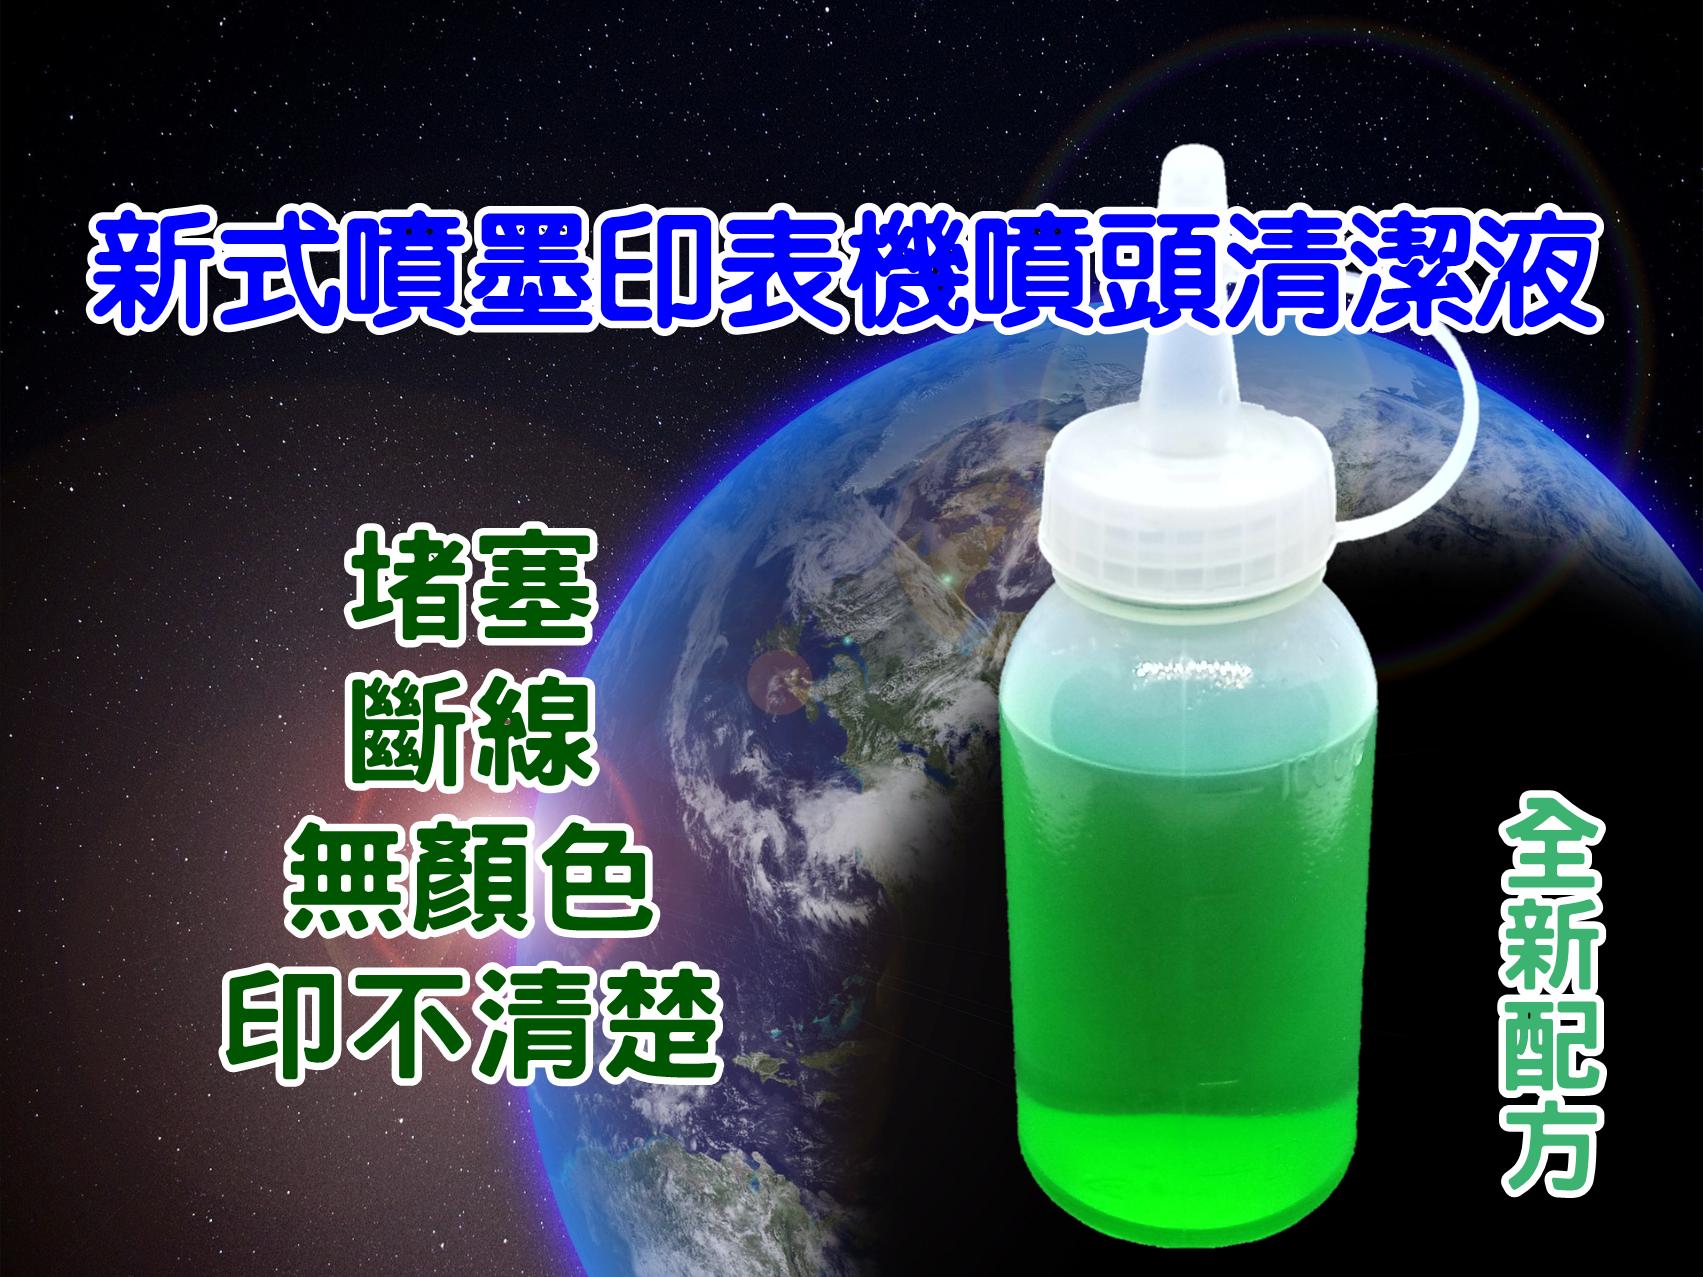 專業噴頭清潔液組100cc